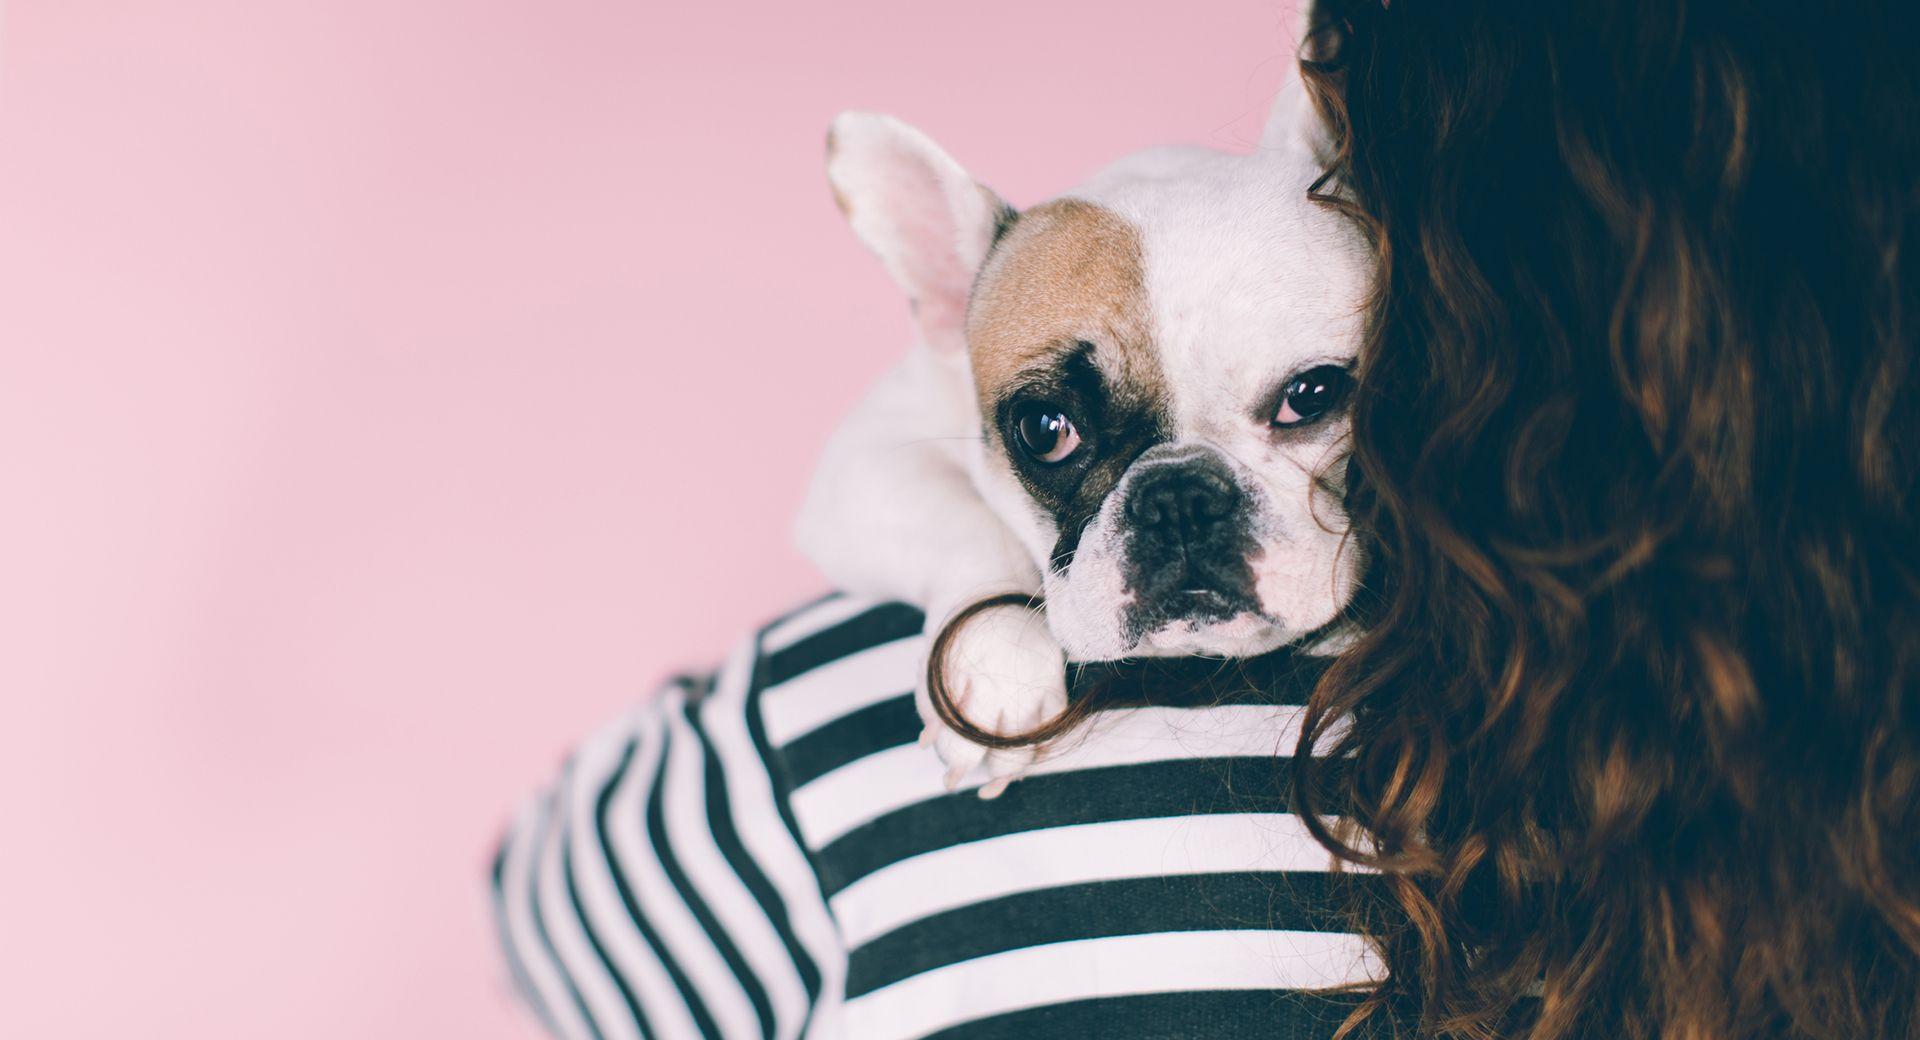 Kết quả hình ảnh cho bulldog love Emotional support